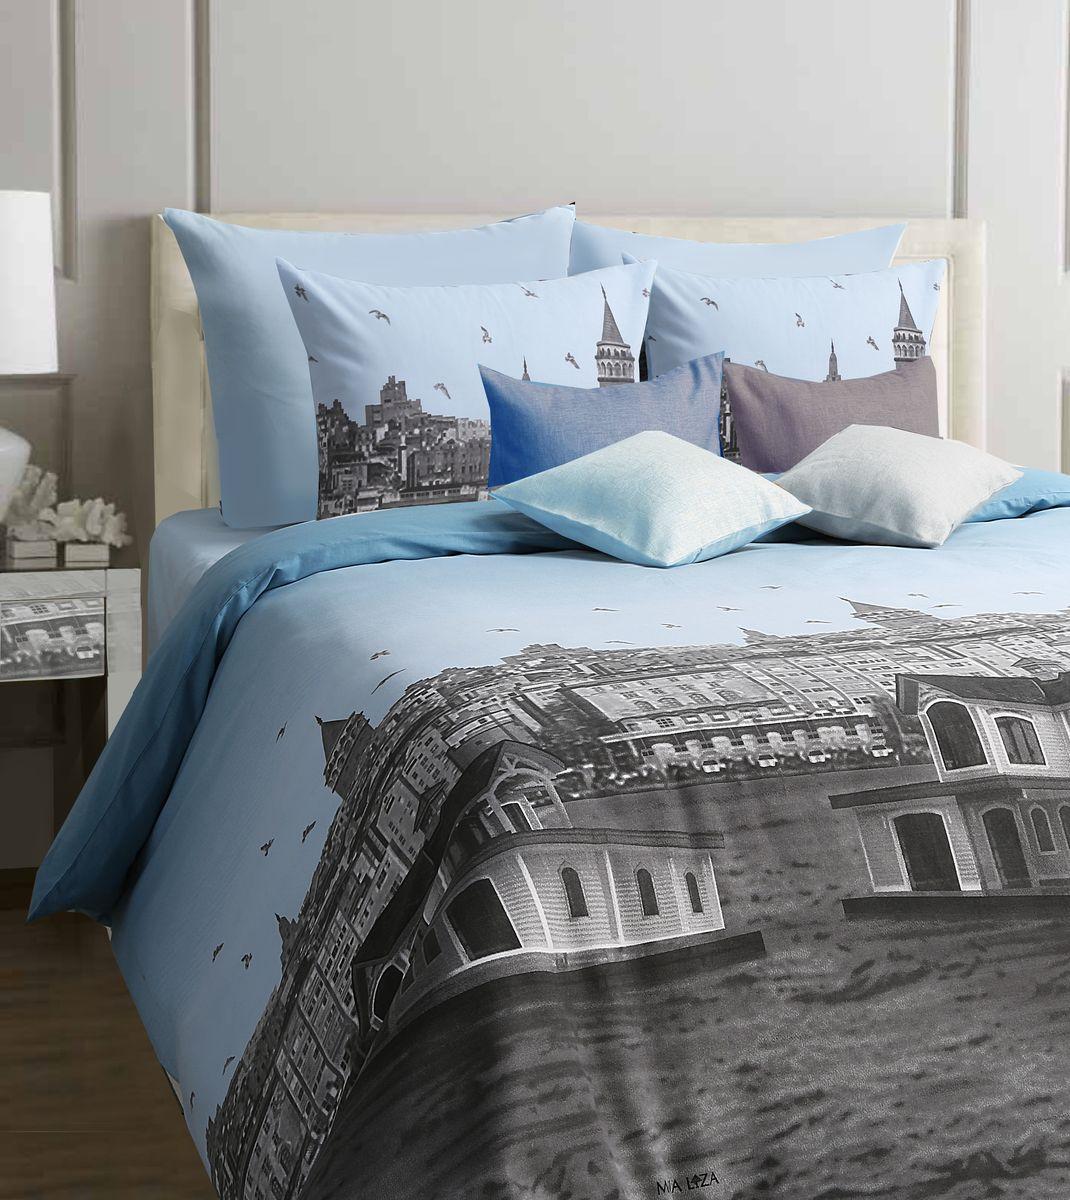 Комплект белья Mona Liza Istanbul, евро, наволочки 70x70, цвет: голубой552109/10Коллекция постельного белья MONA LIZA Classic поражает многообразием дизайнов. Среди них легко подобрать необходимый рисунок, который создаст в доме уют. Комплекты выполнены из бязи 100 % хлопка.